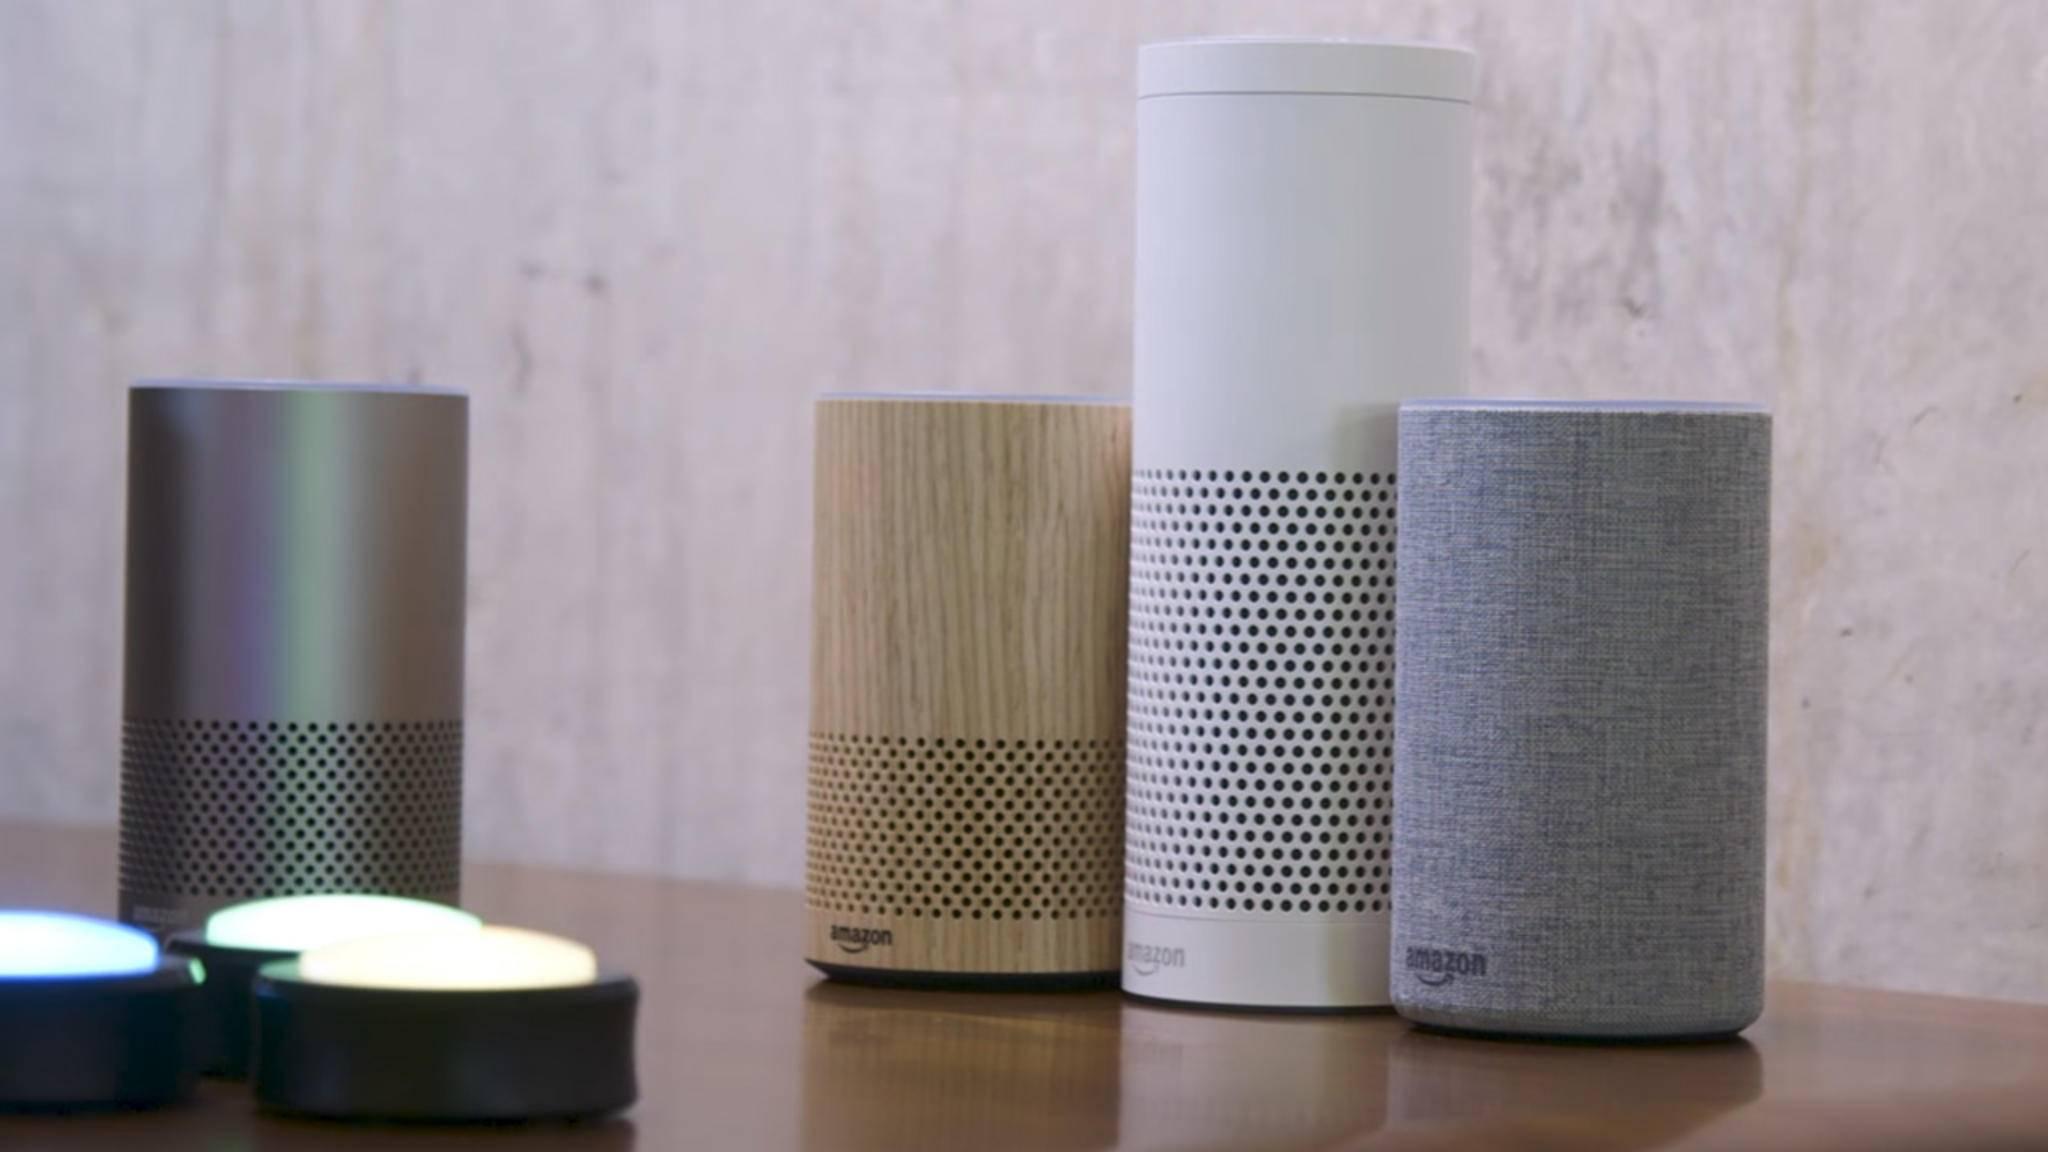 Ein Alexa-Skill für Amazon Echo kann grundsätzlich von jedermann programmiert werden.